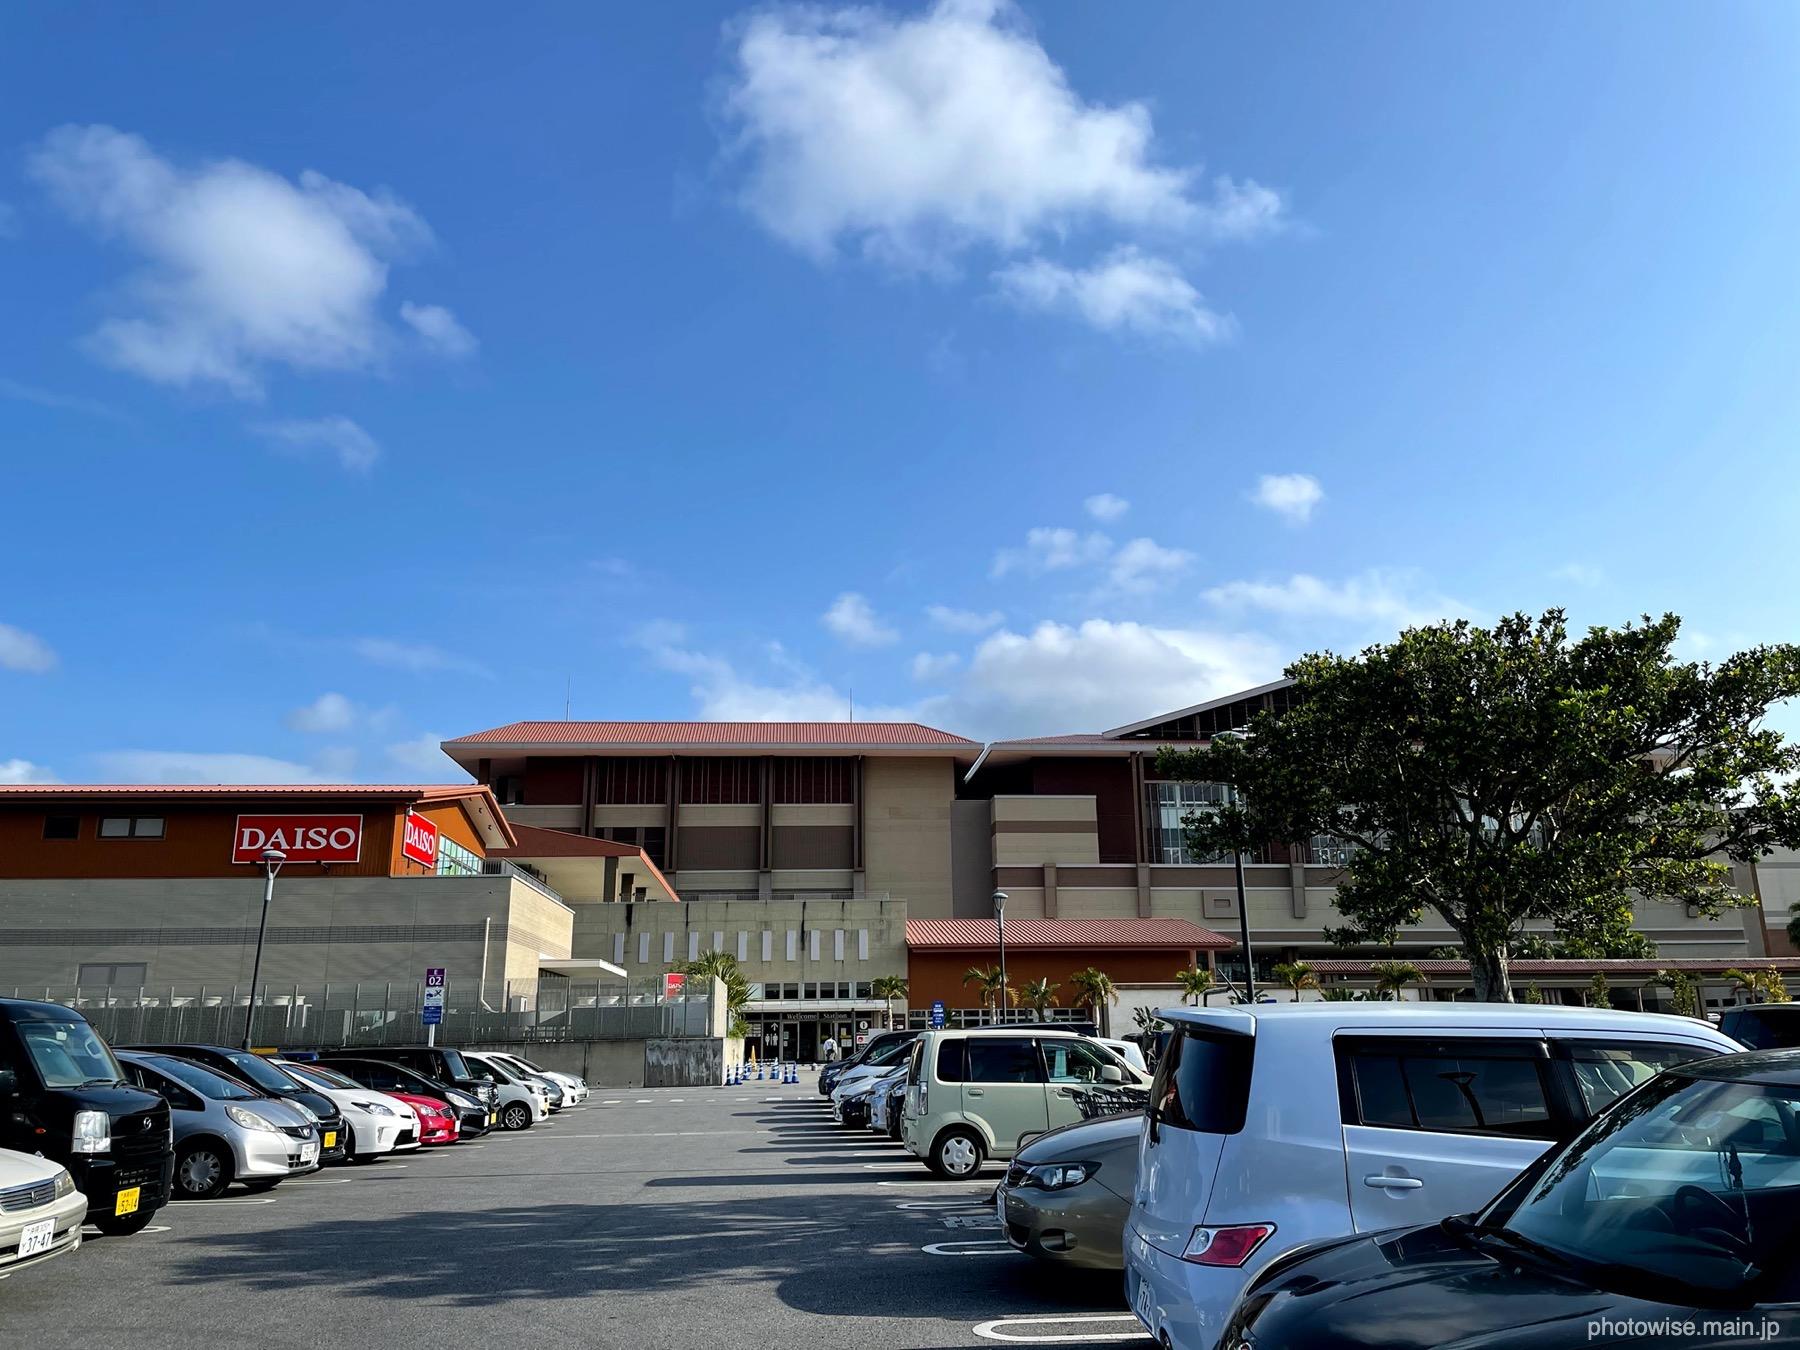 イオンモール沖縄ライカム駐車場